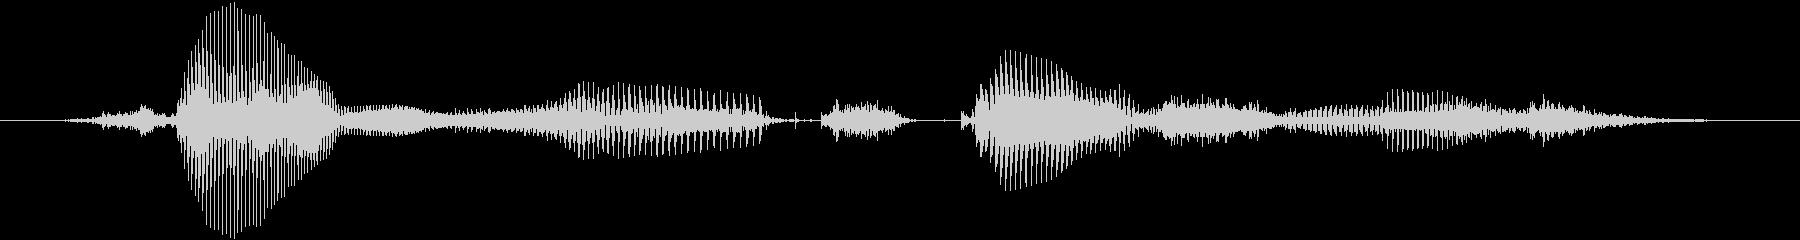 【時報・時間】3時をお伝えしますの未再生の波形